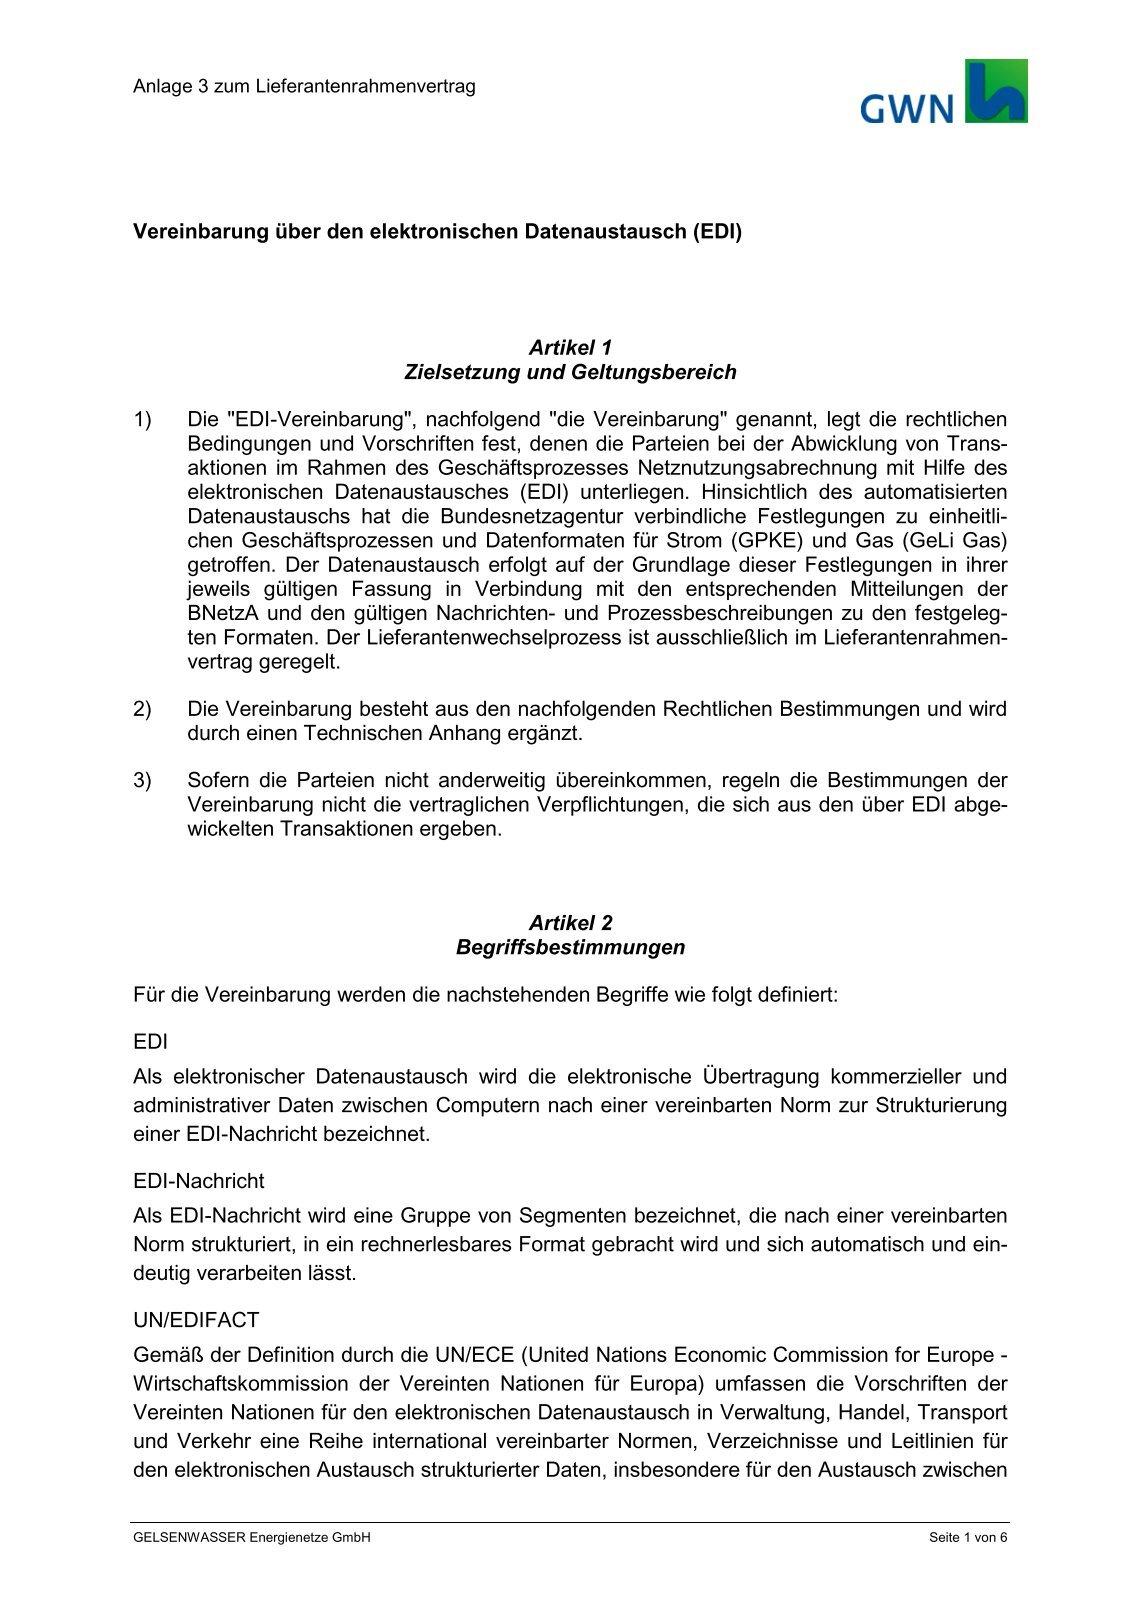 Fein Rechtliche Vereinbarungen Zwischen Zwei Parteien Bilder ...